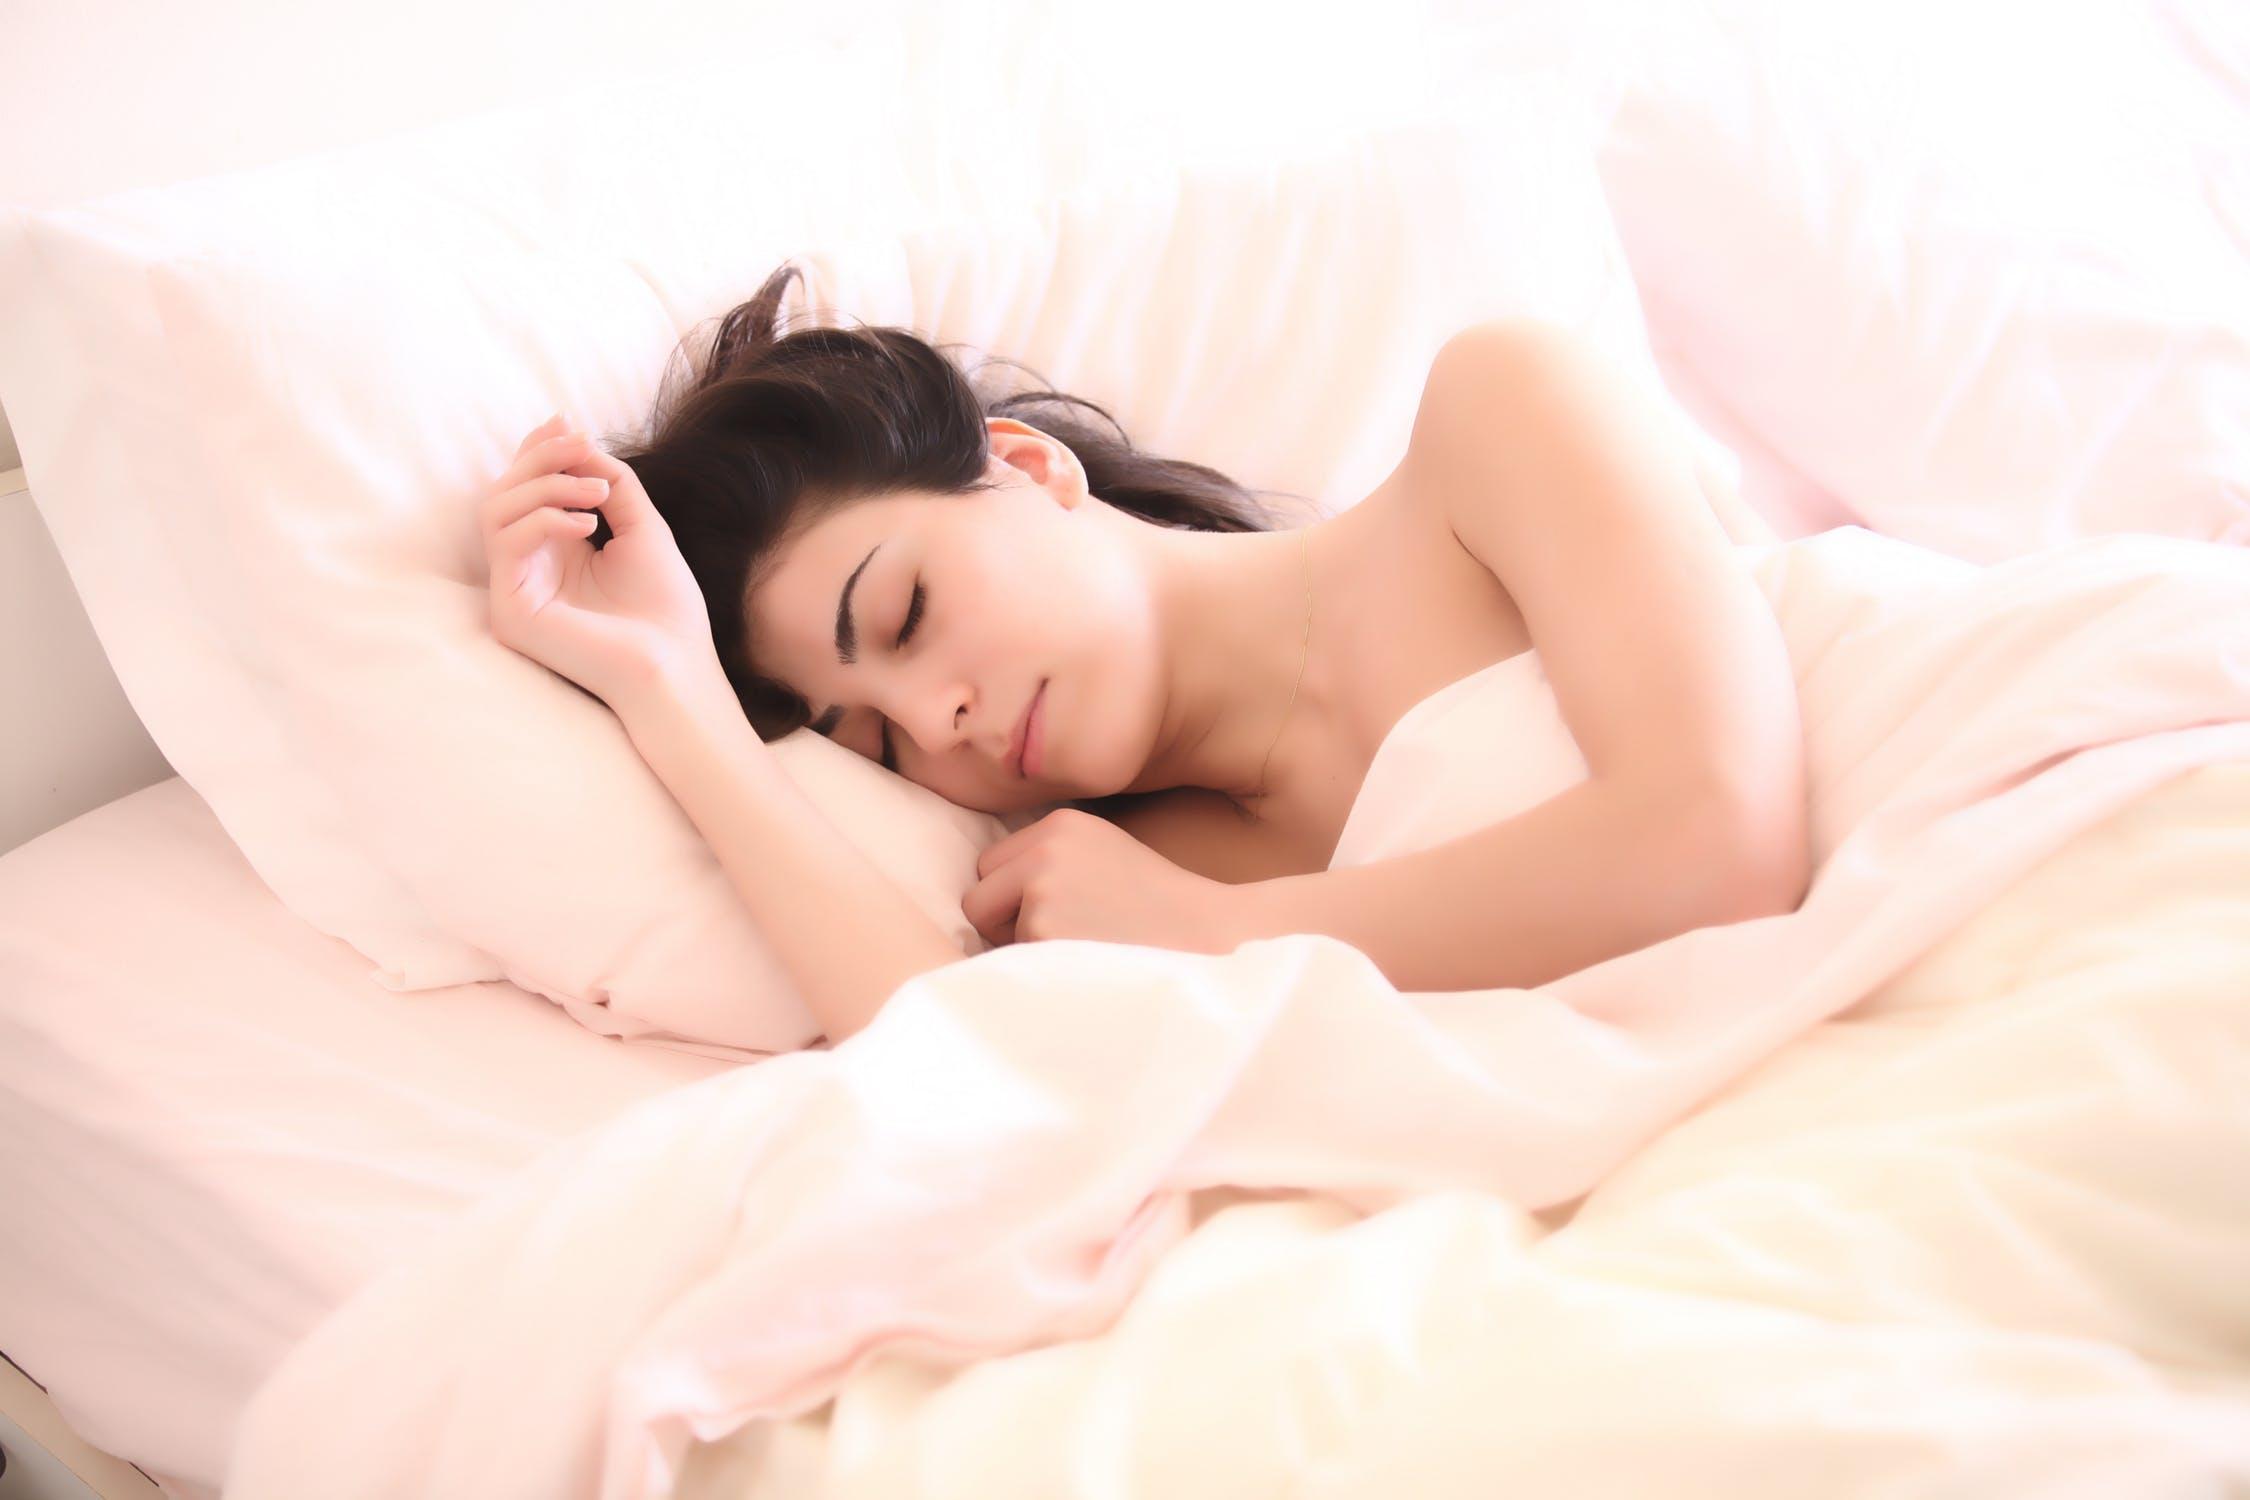 इस अध्ययन में से 55 प्रतिशत महिलाएं ऐसी थीं जिनके पालतू डॉग उनके साथ ही बेड पर सोते थे. वहीं 57 प्रतिशत महिलाओं ने कहा कि वह अपना बेड सिर्फ पार्टनर के साथ शेयर करती हैं.